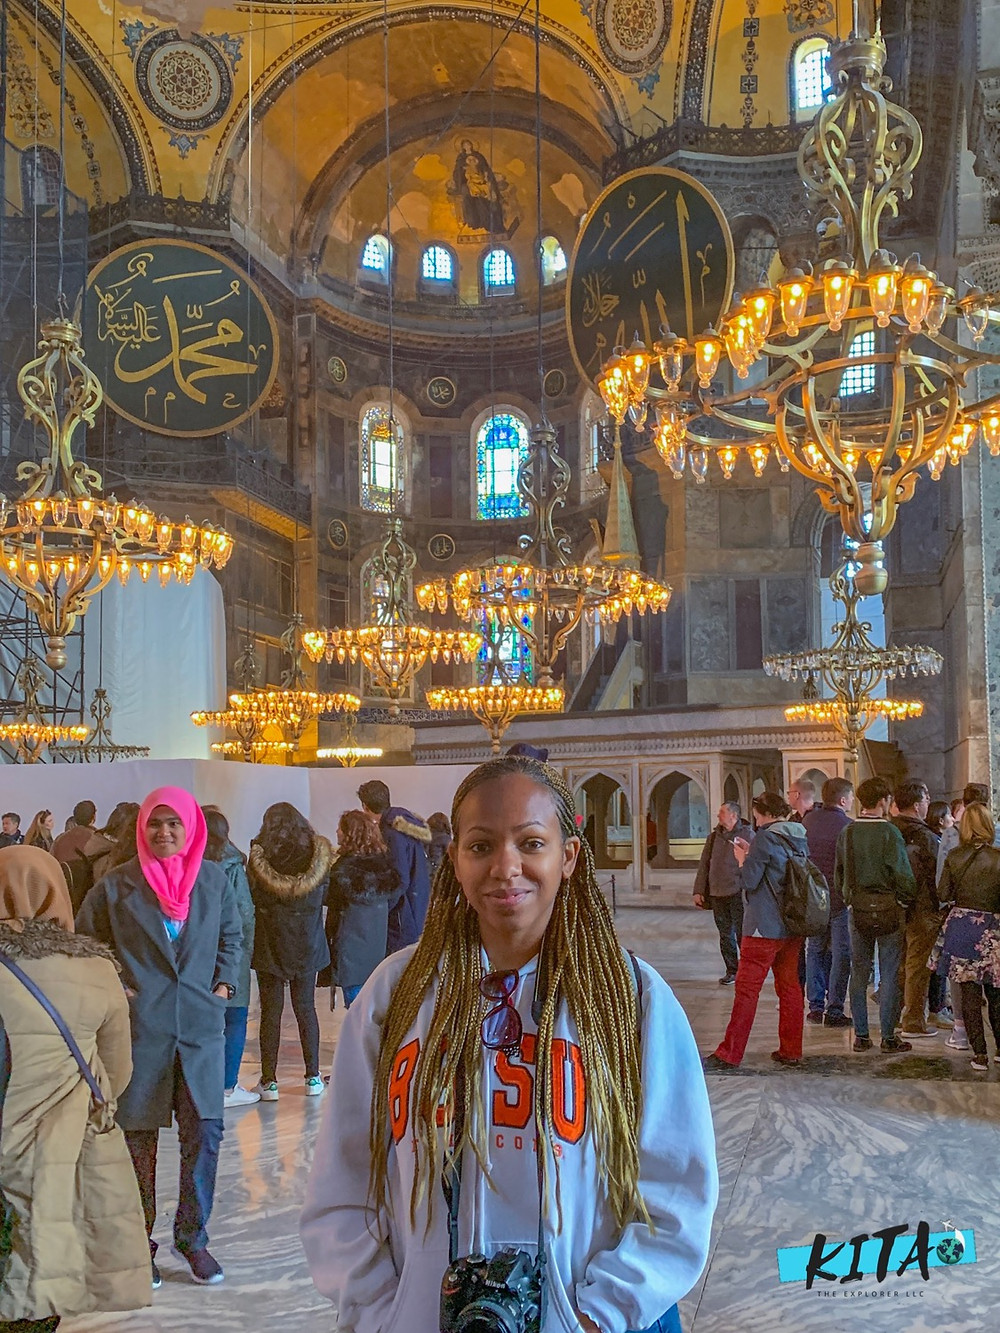 Photo of me inside the Hagia Sophia